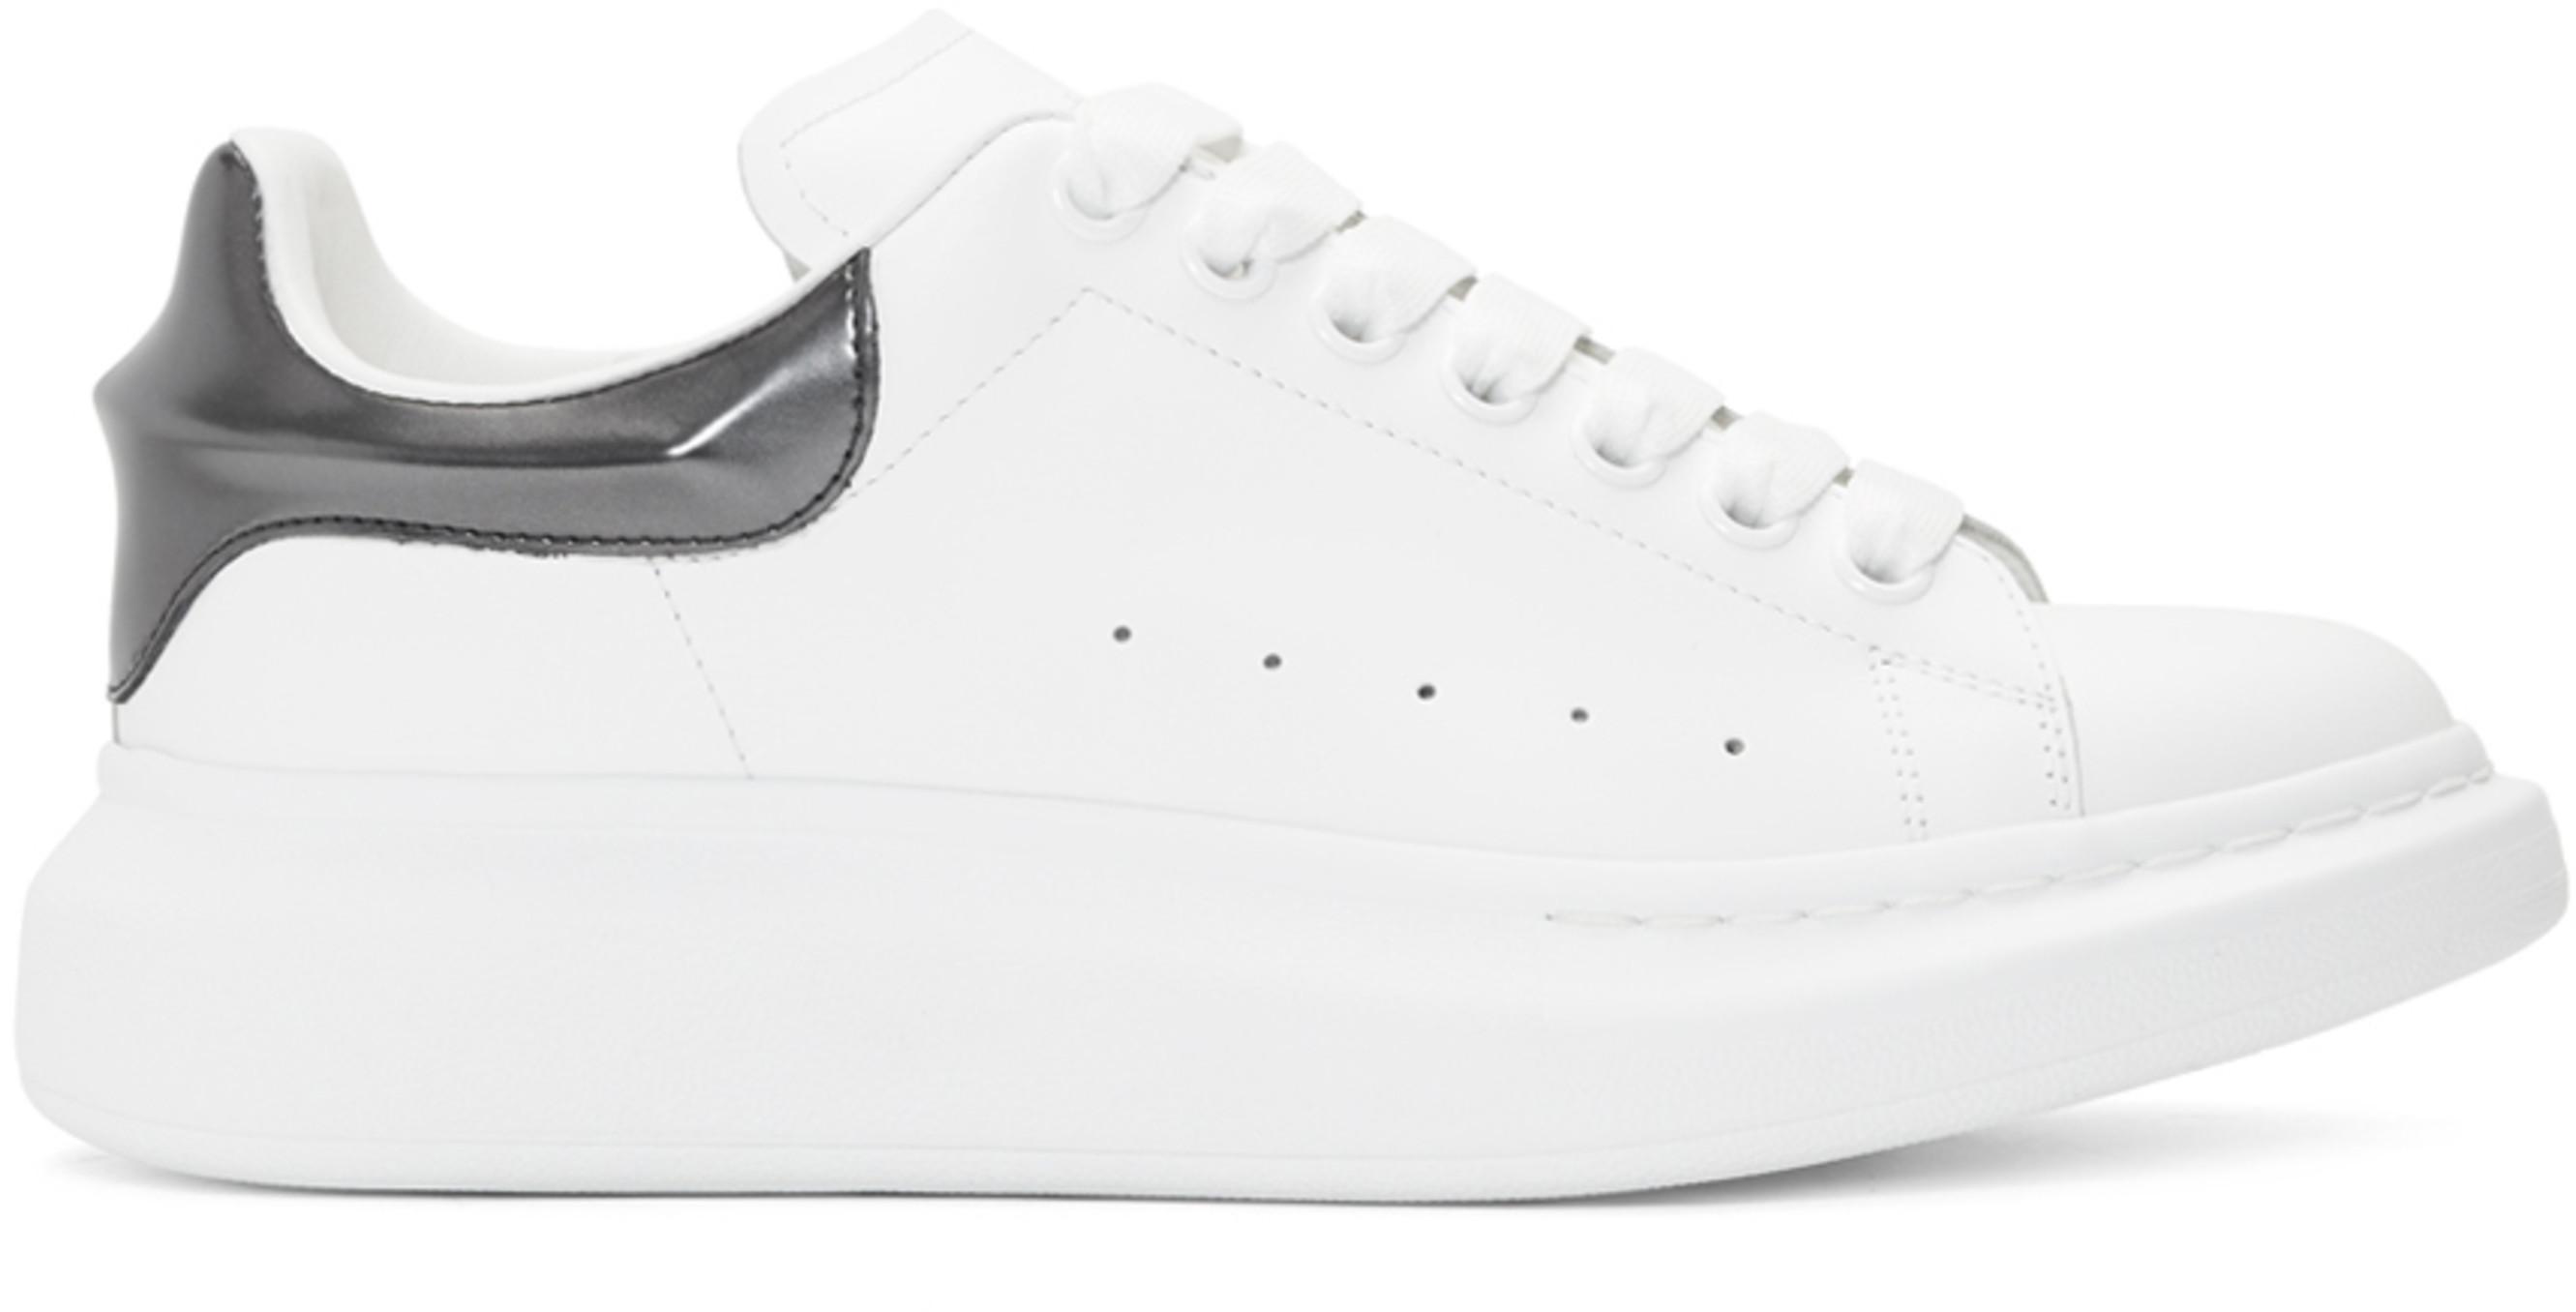 77cf8a042d38 Alexander Mcqueen sneakers for Men